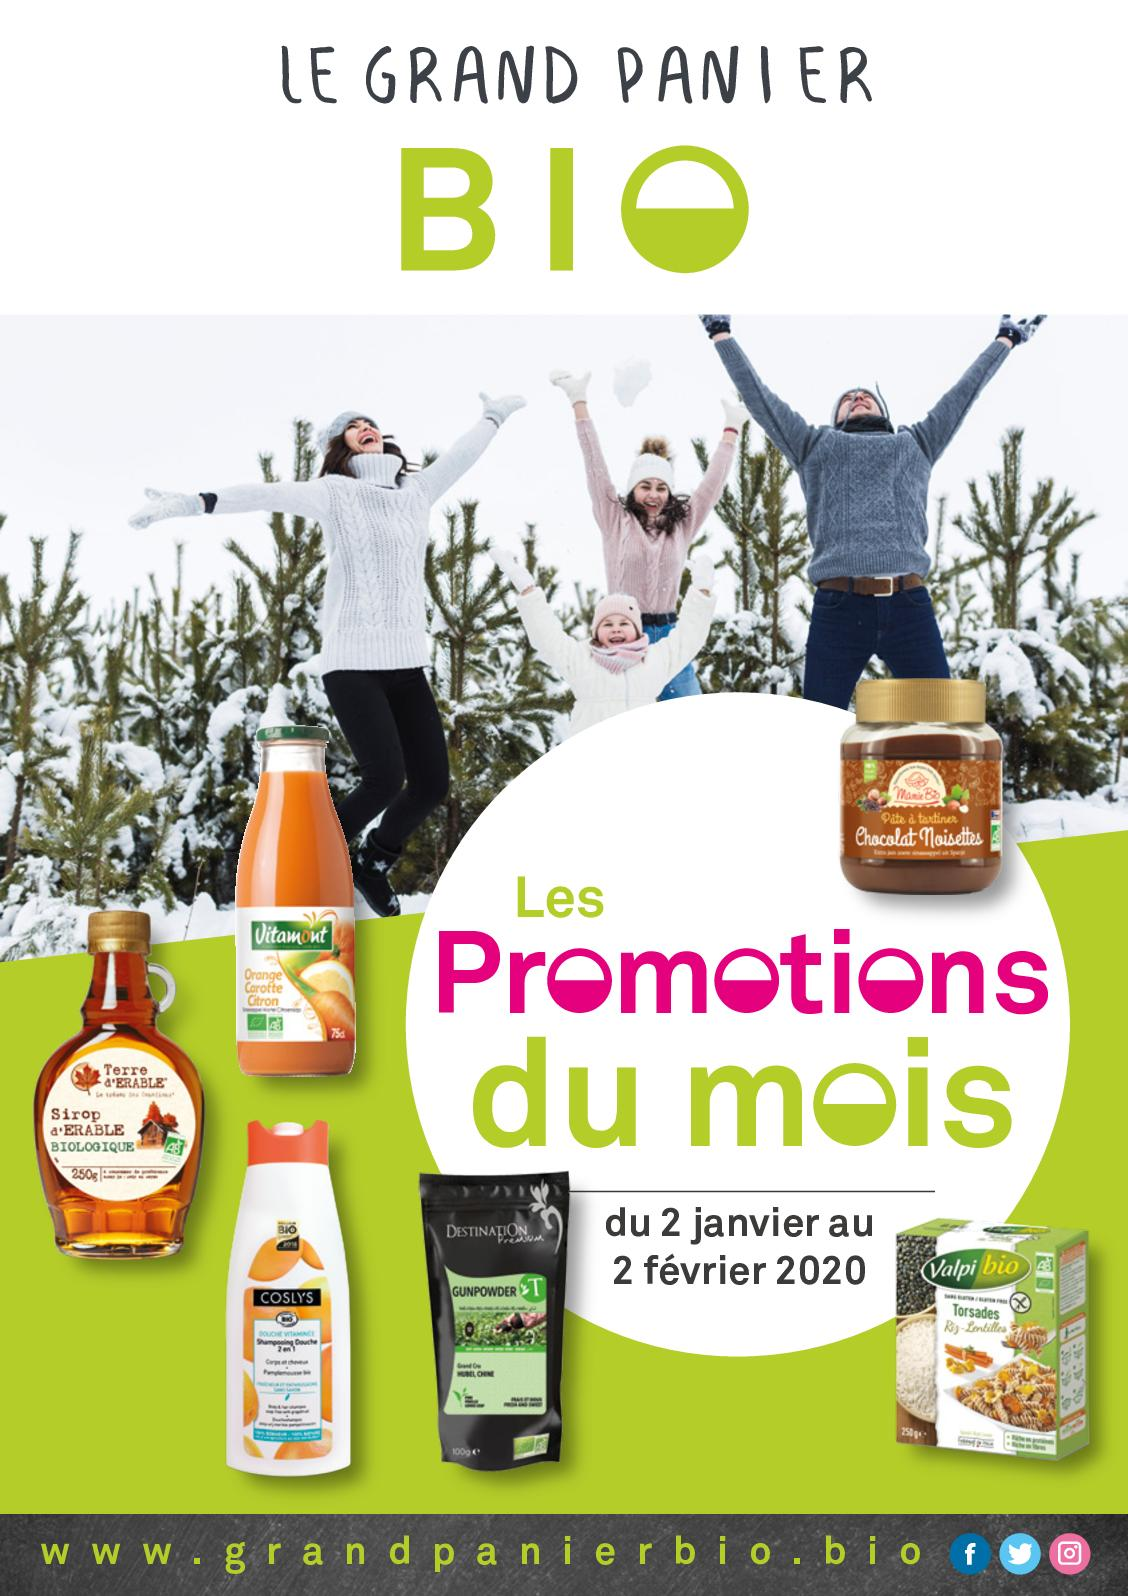 Promotions de janvier - Le Grand Panier Bio